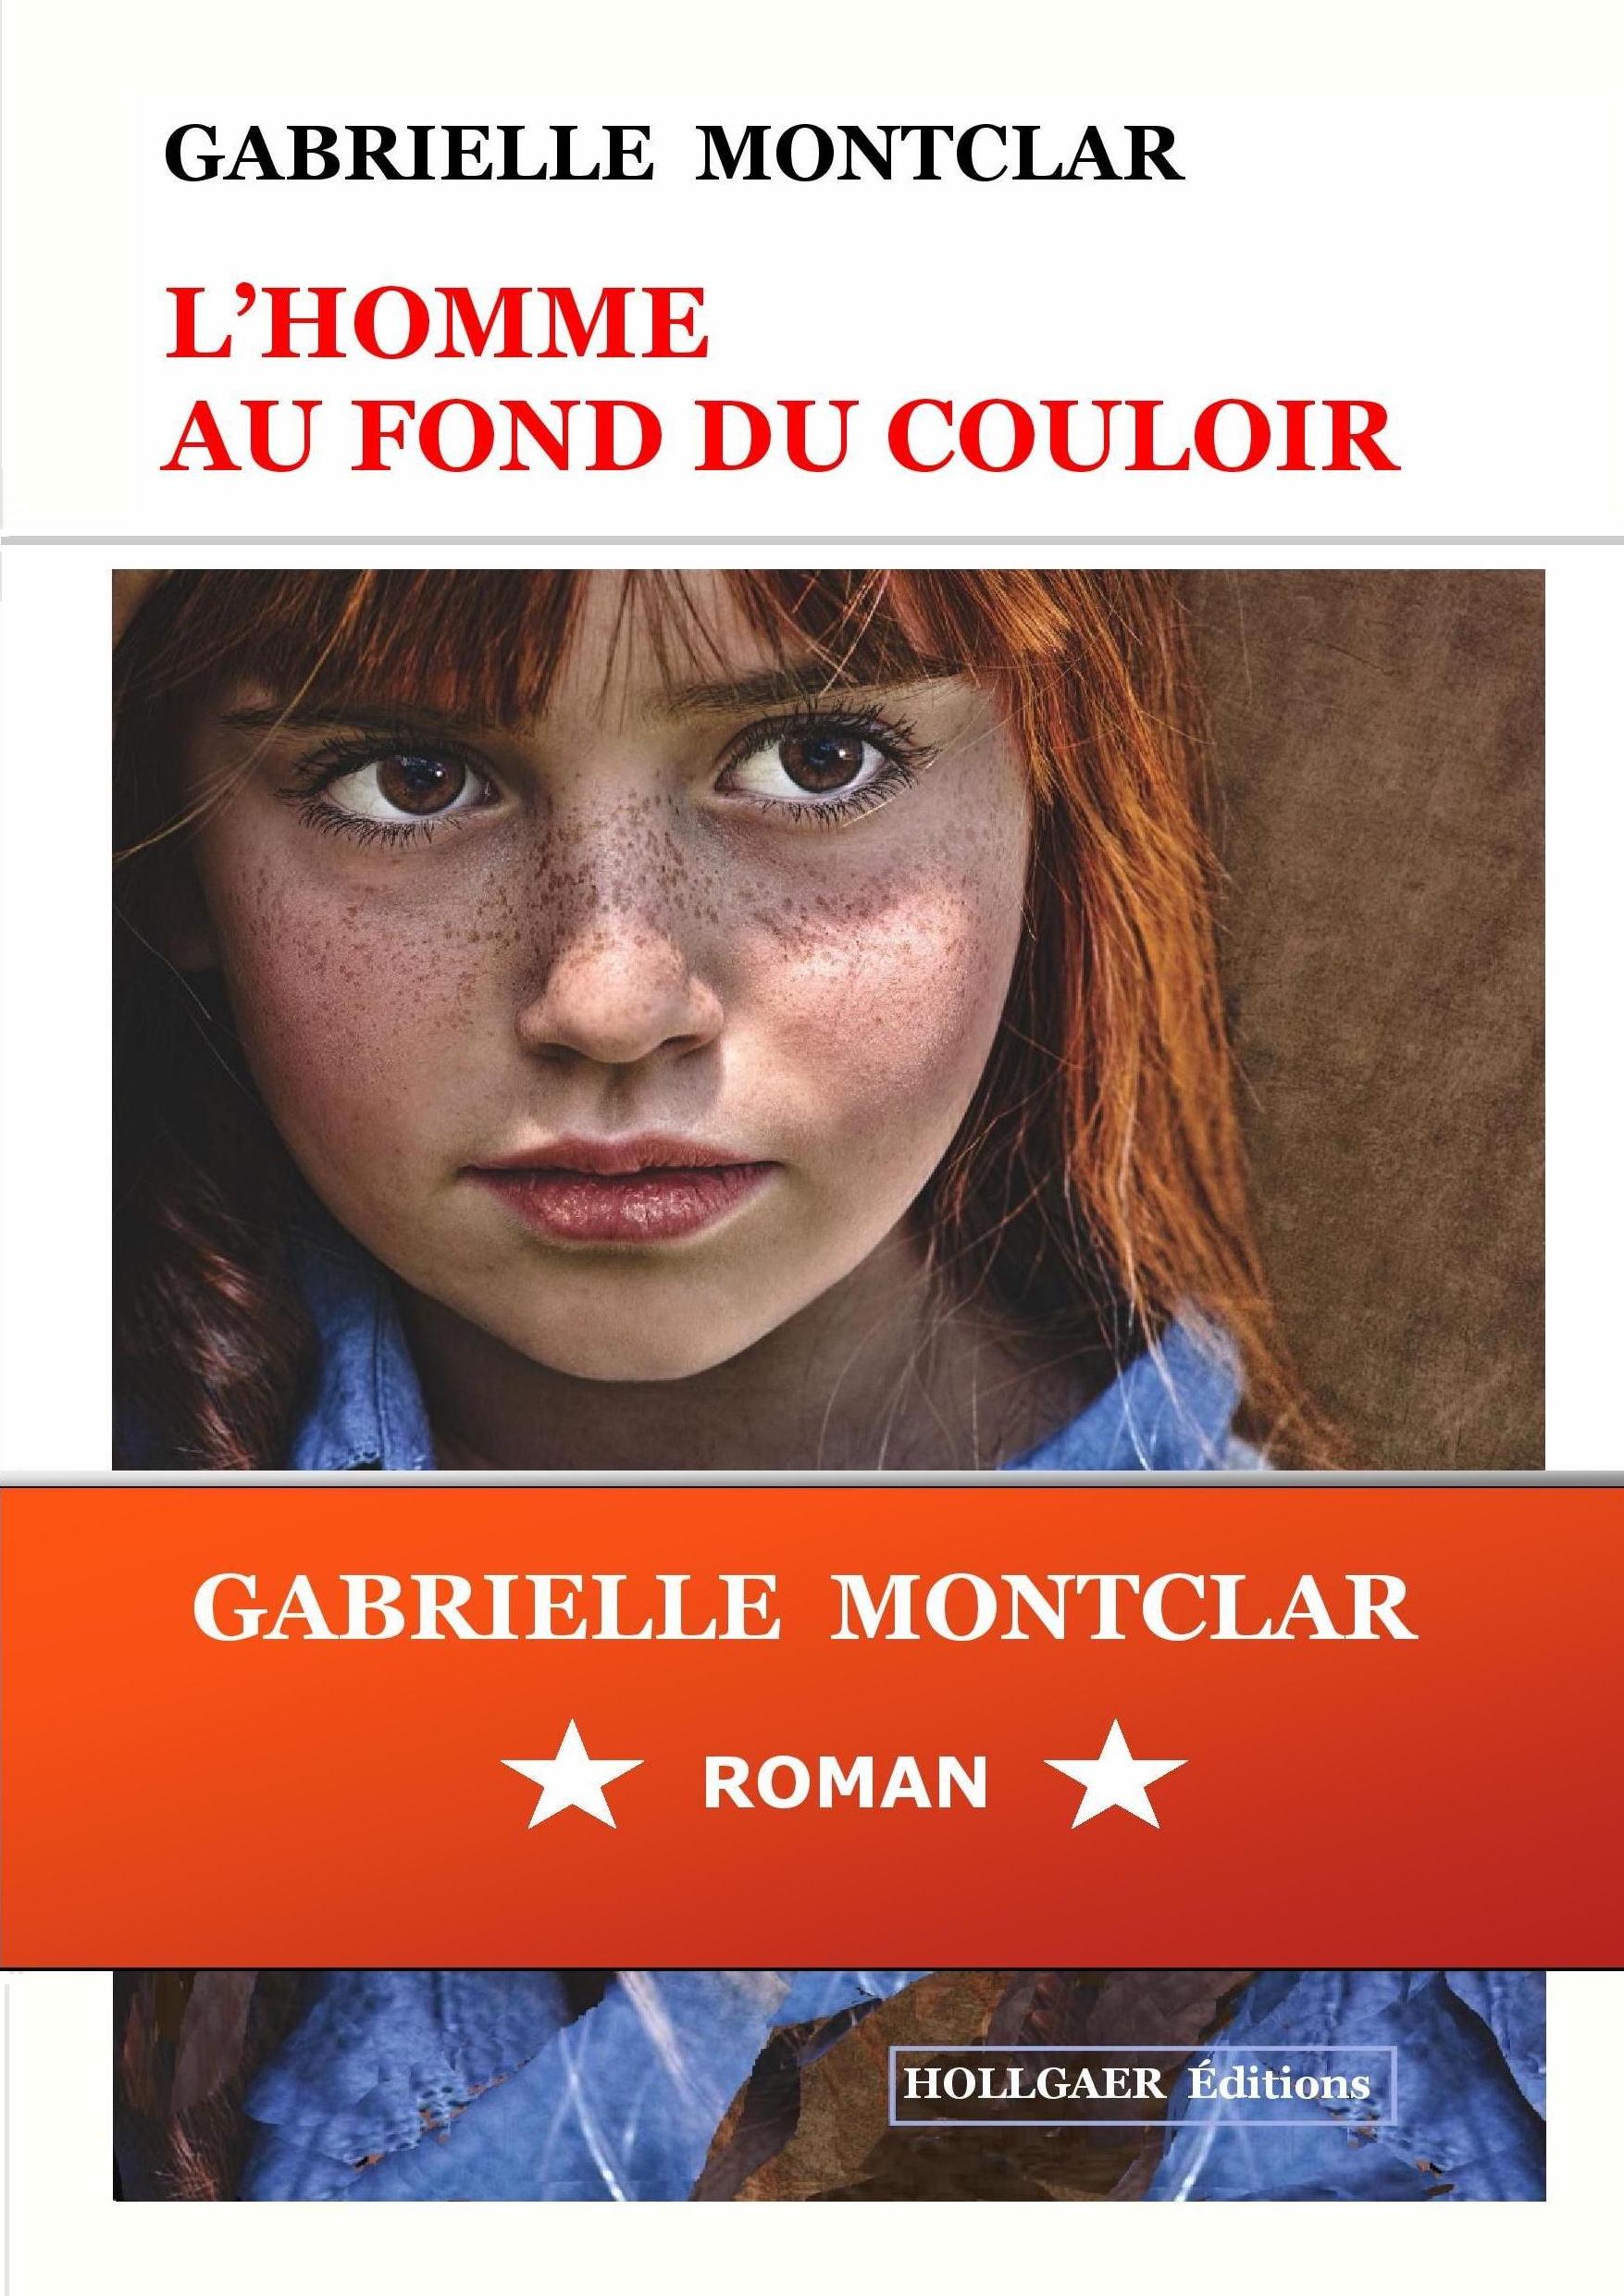 L'HOMME AU FOND DU COULOIR